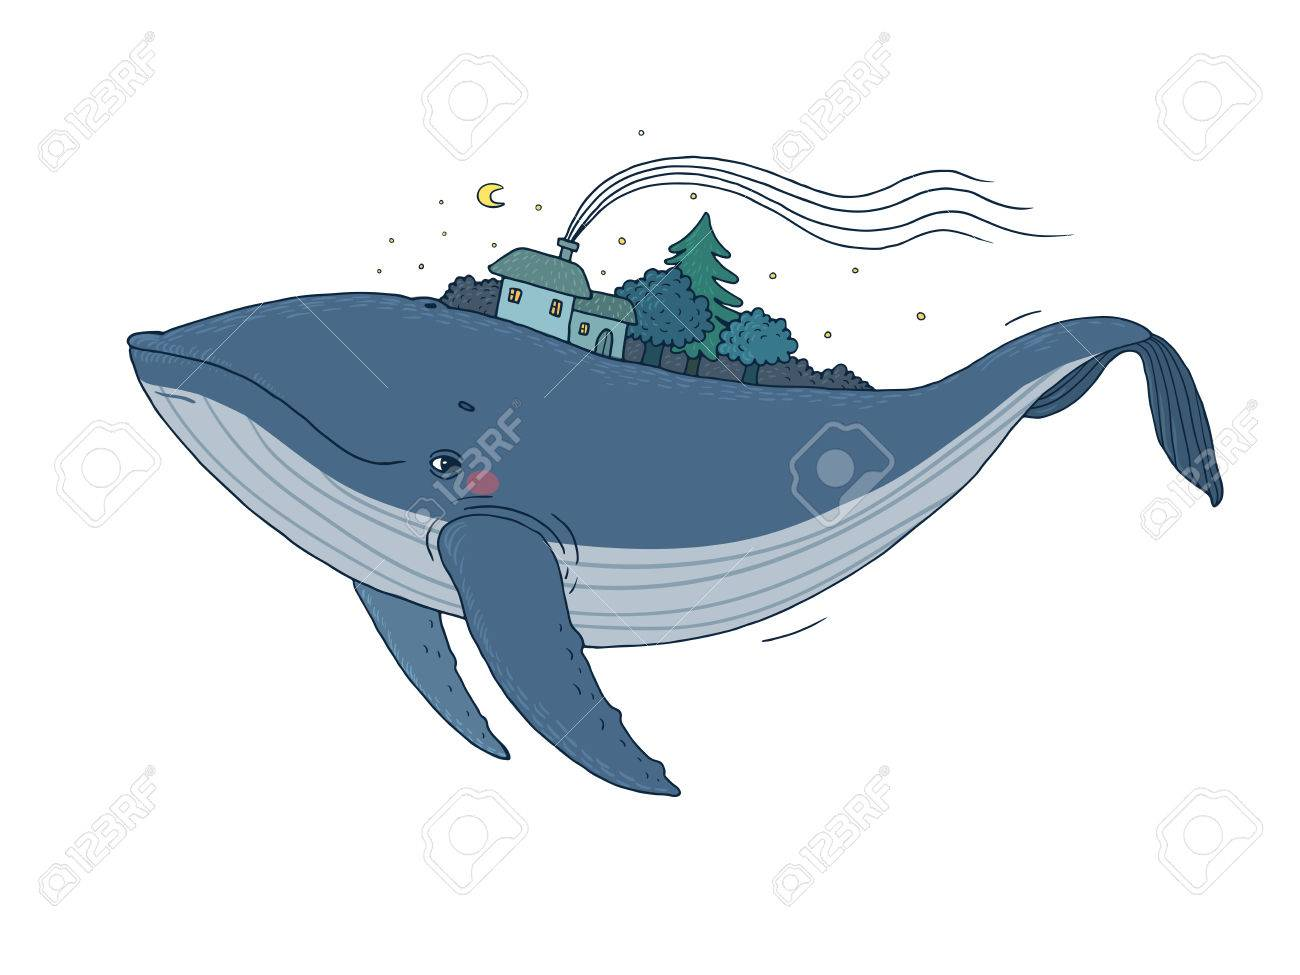 Coloriage Queue De Baleine.Big Belle Baleine Avec Des Maisons Et Des Arbres Dans Le Dos Dessin